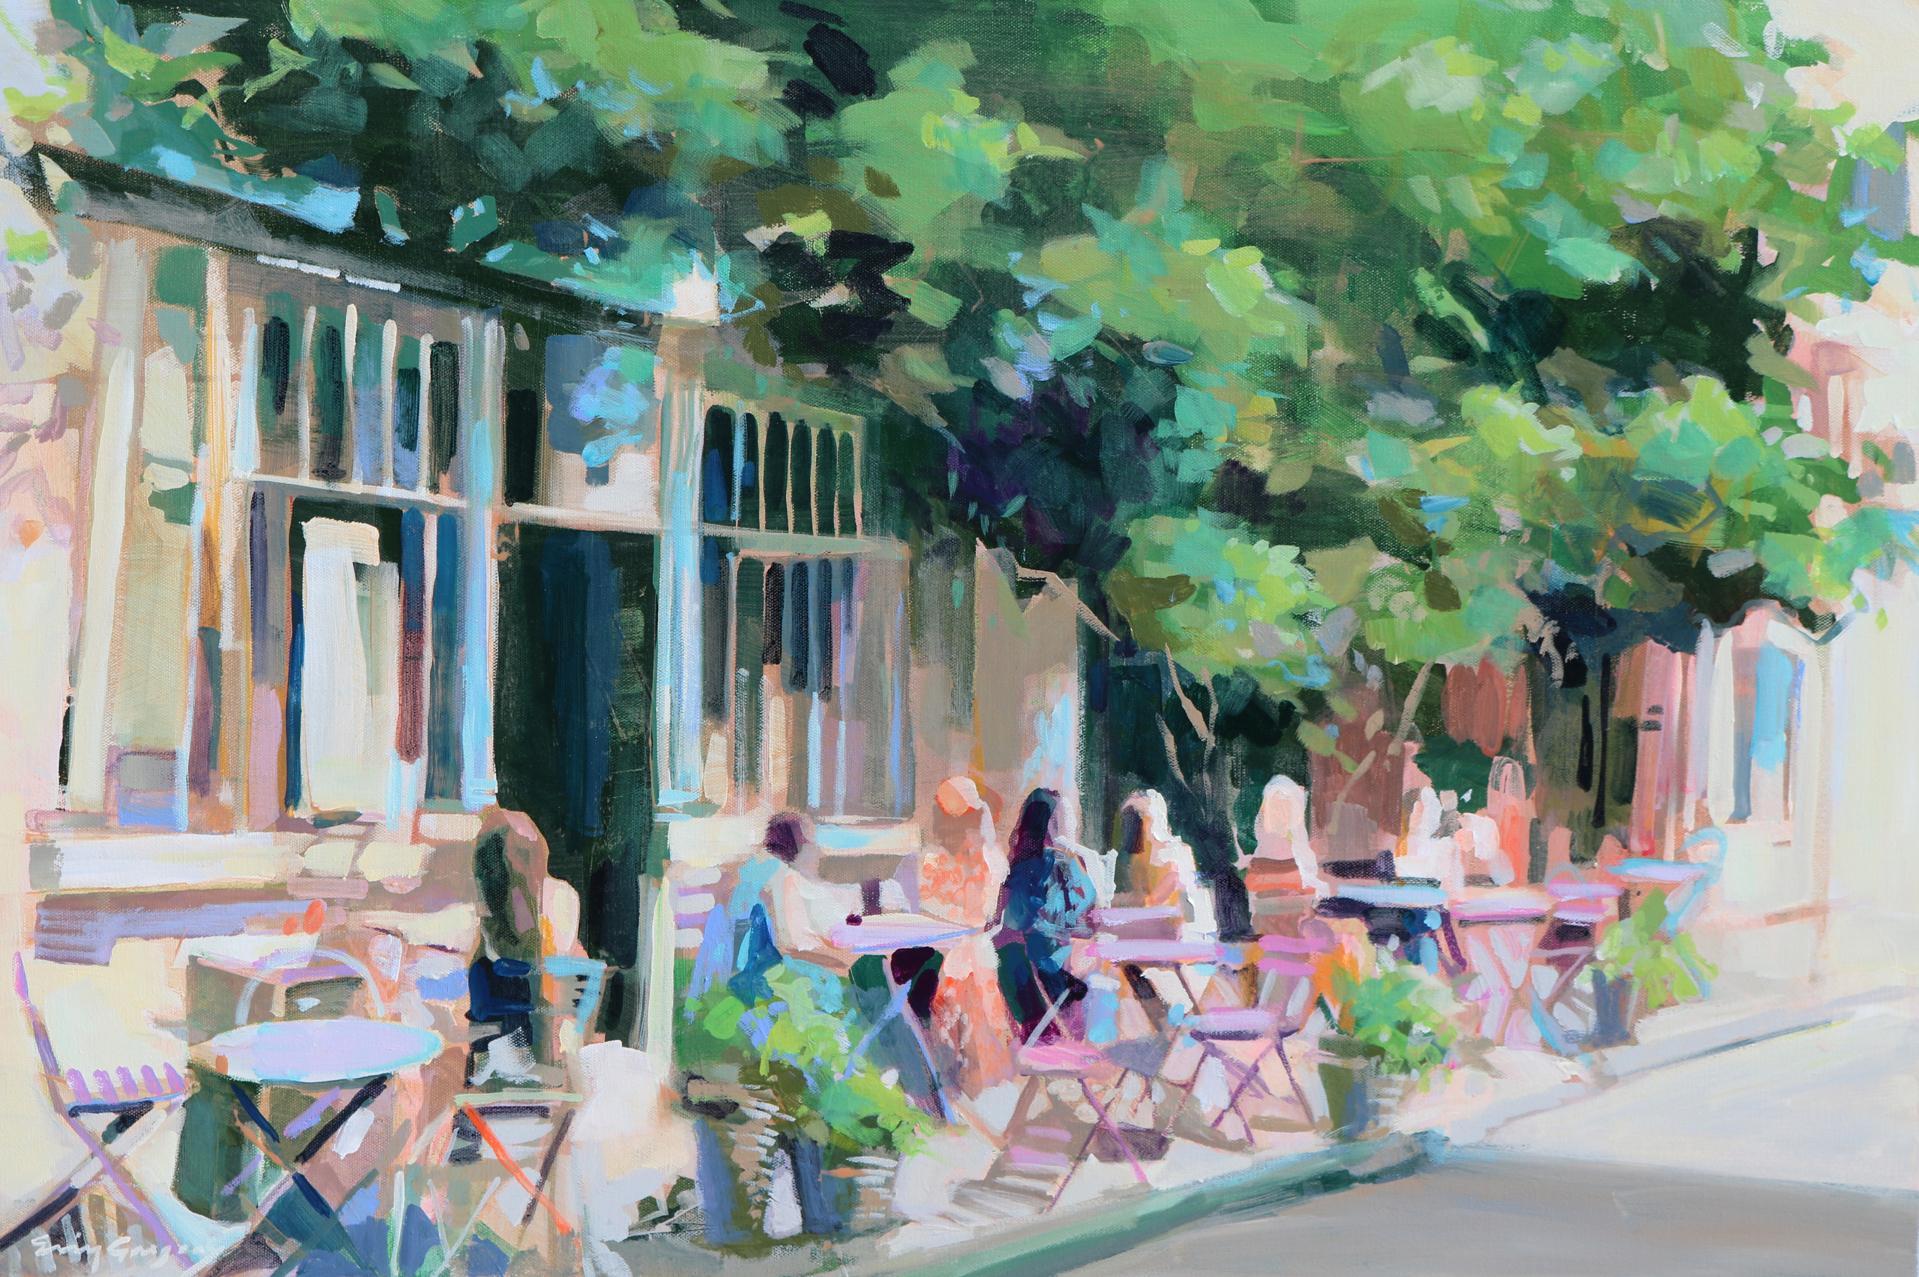 Dejeuner 3 by Erin Gregory